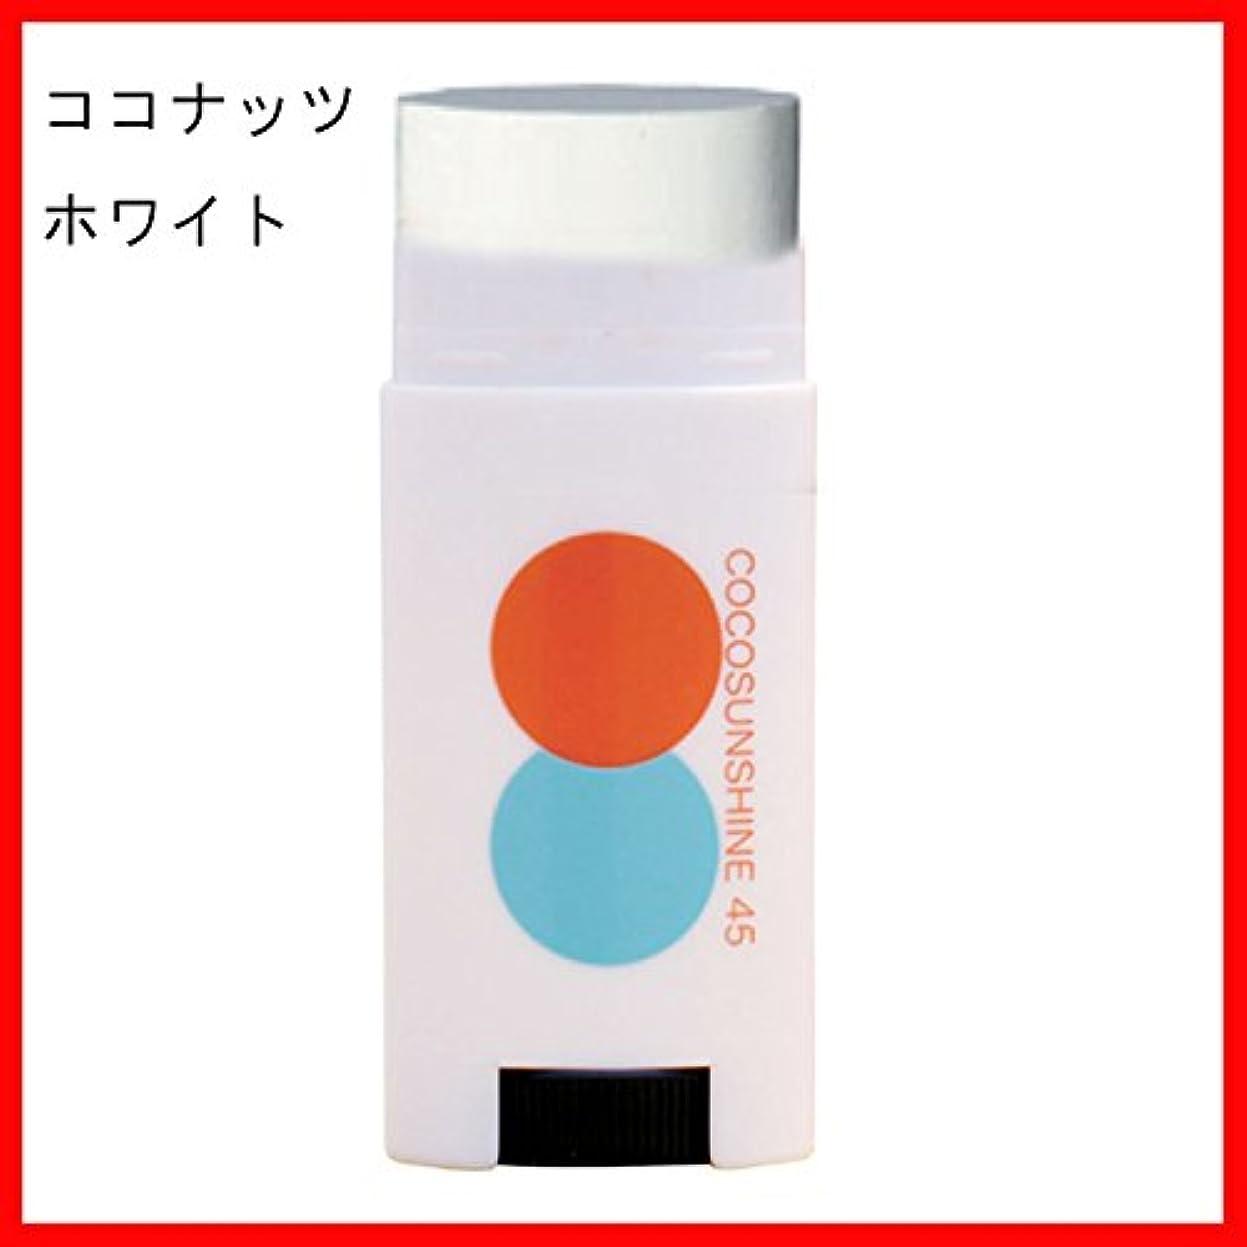 ポータル敵憂鬱なCOCOSUNSHINE(ココサンシャイン) フェイス スティック UV FACE STICK